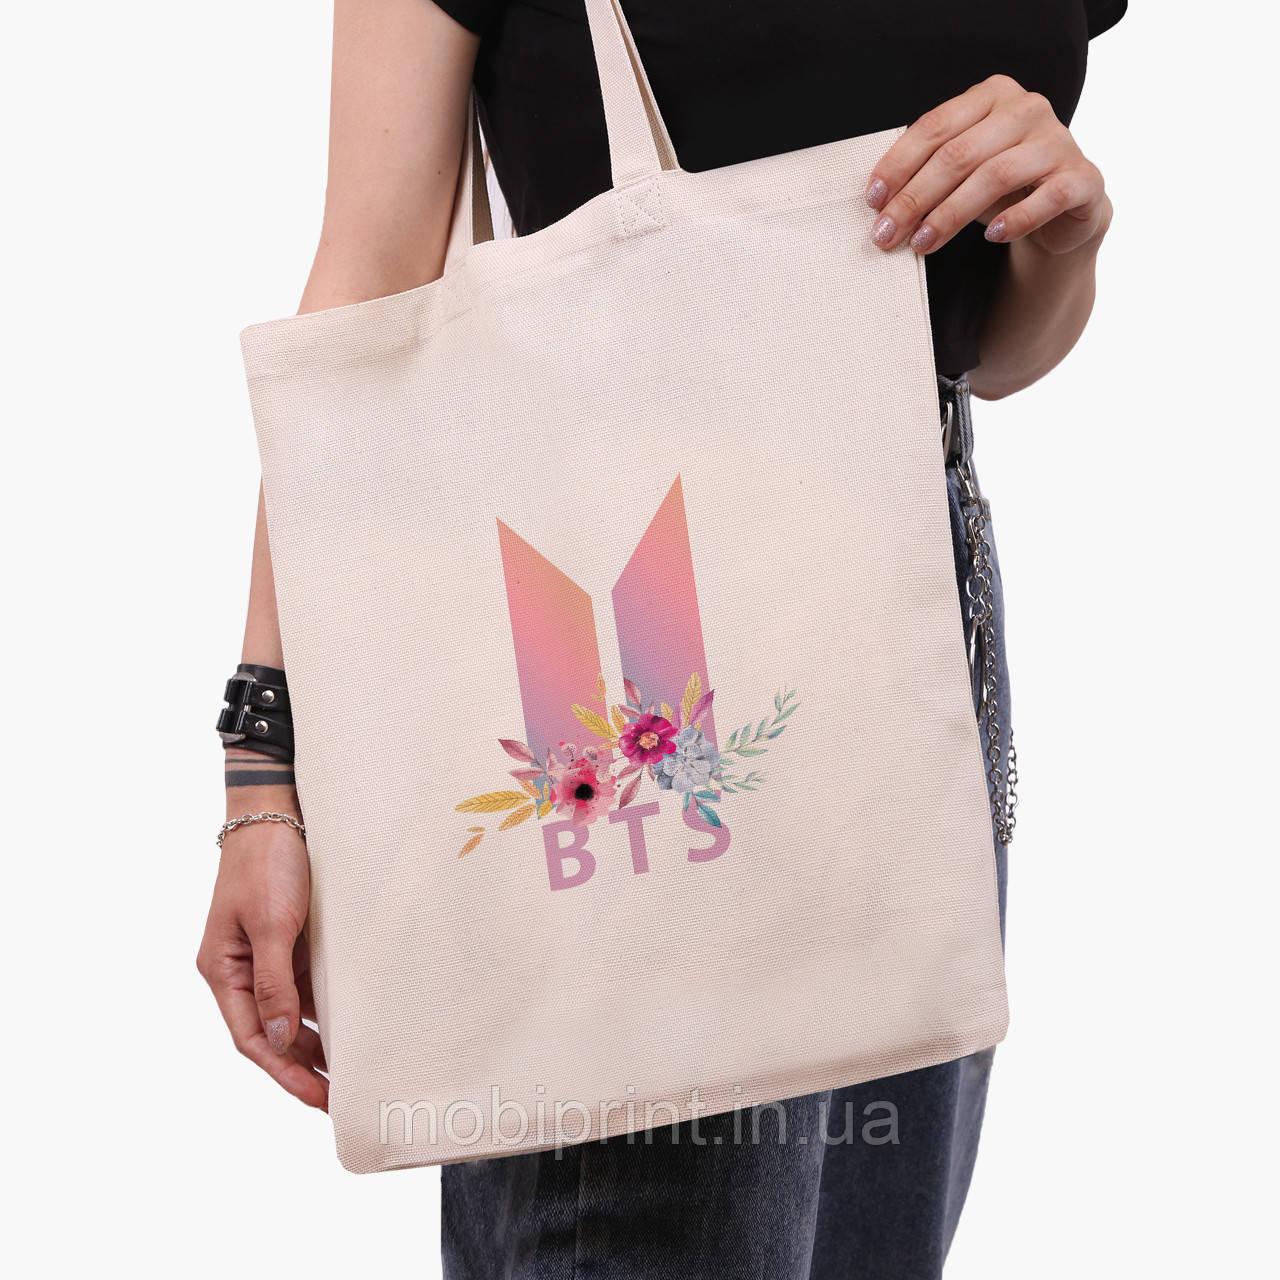 Эко сумка шоппер БТС (BTS) (9227-1081)  экосумка шопер 41*35 см